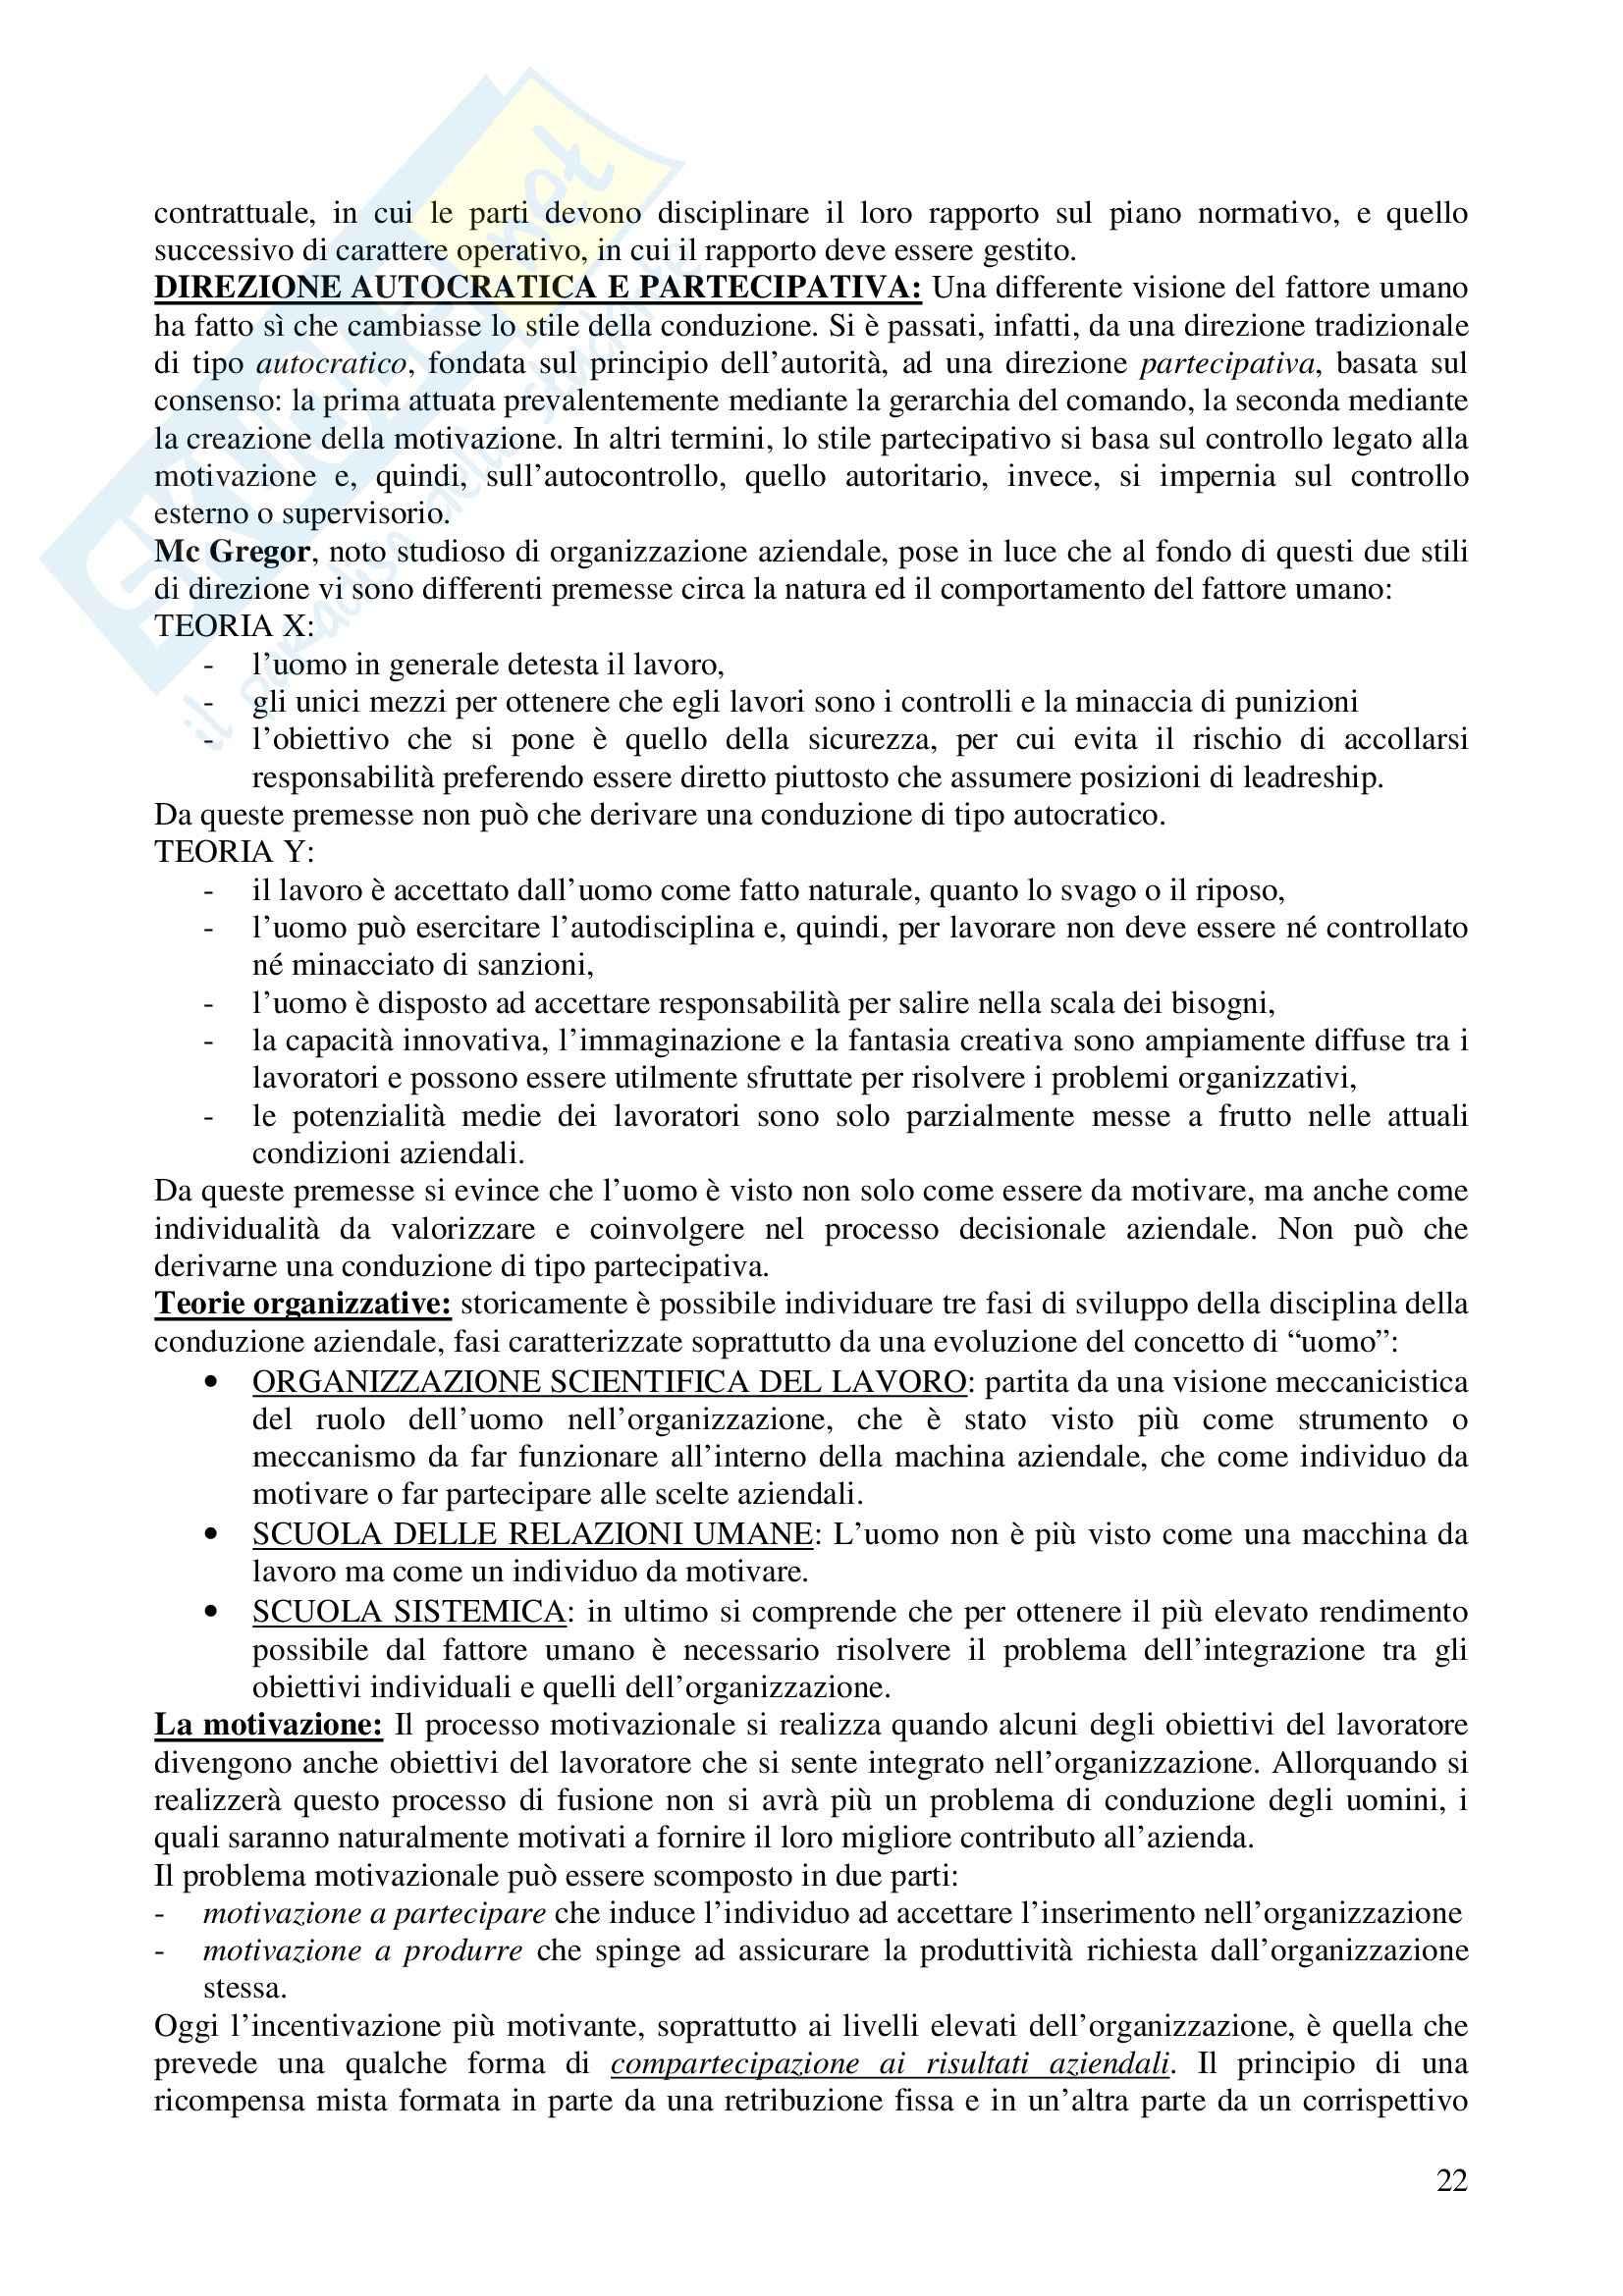 Riassunto esame Economia e gestione delle imprese, prof. Calza, libro consigliato Fondamenti di economia e gestione delle imprese, Sciarelli Pag. 21